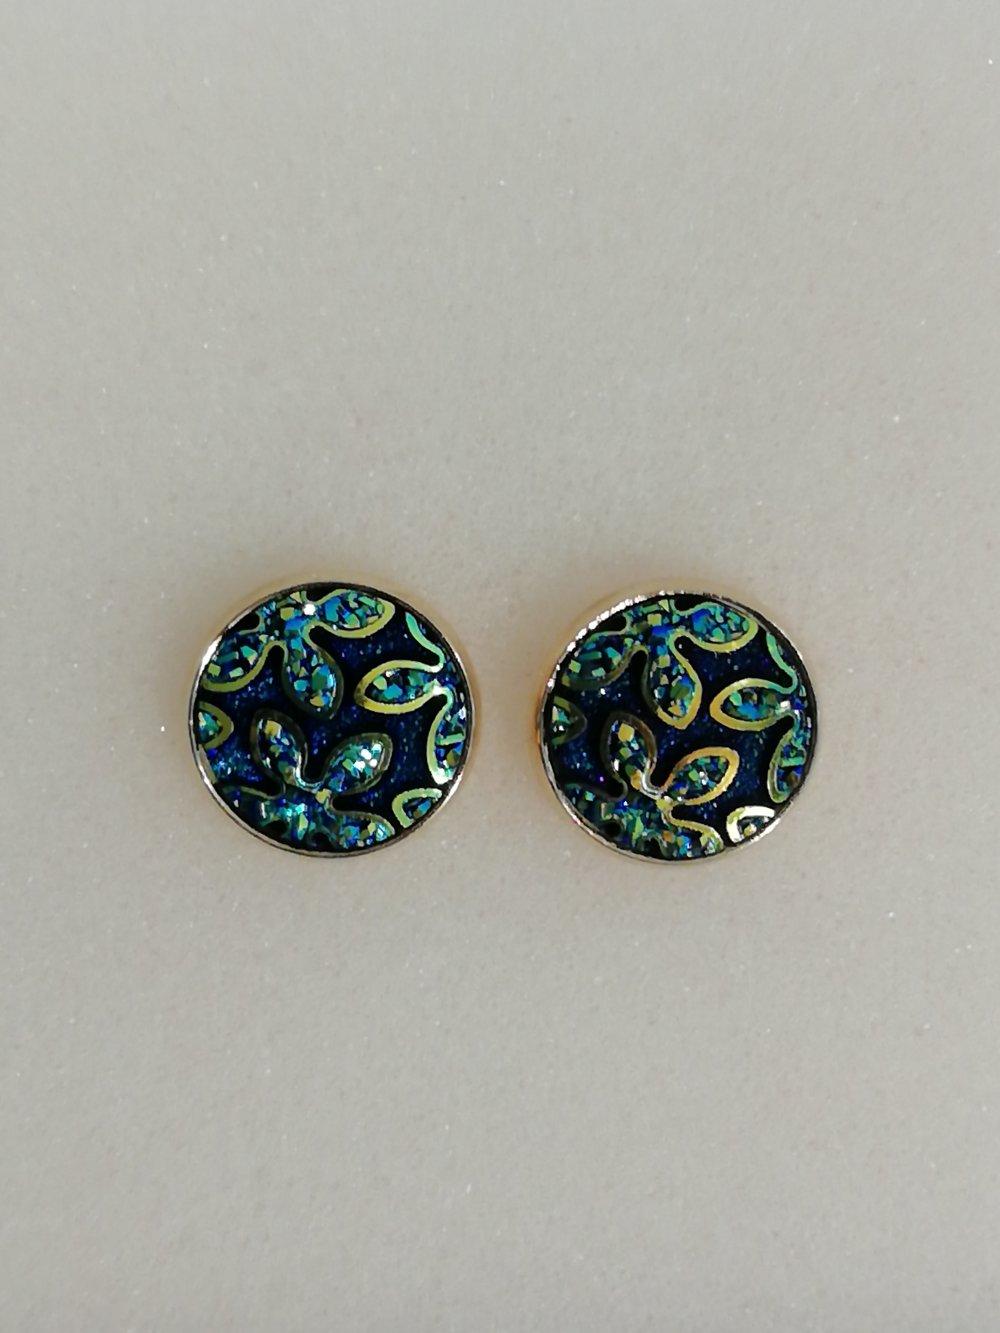 Boucles d'oreilles : cabochon aux tons noir, bleu, vert et doré